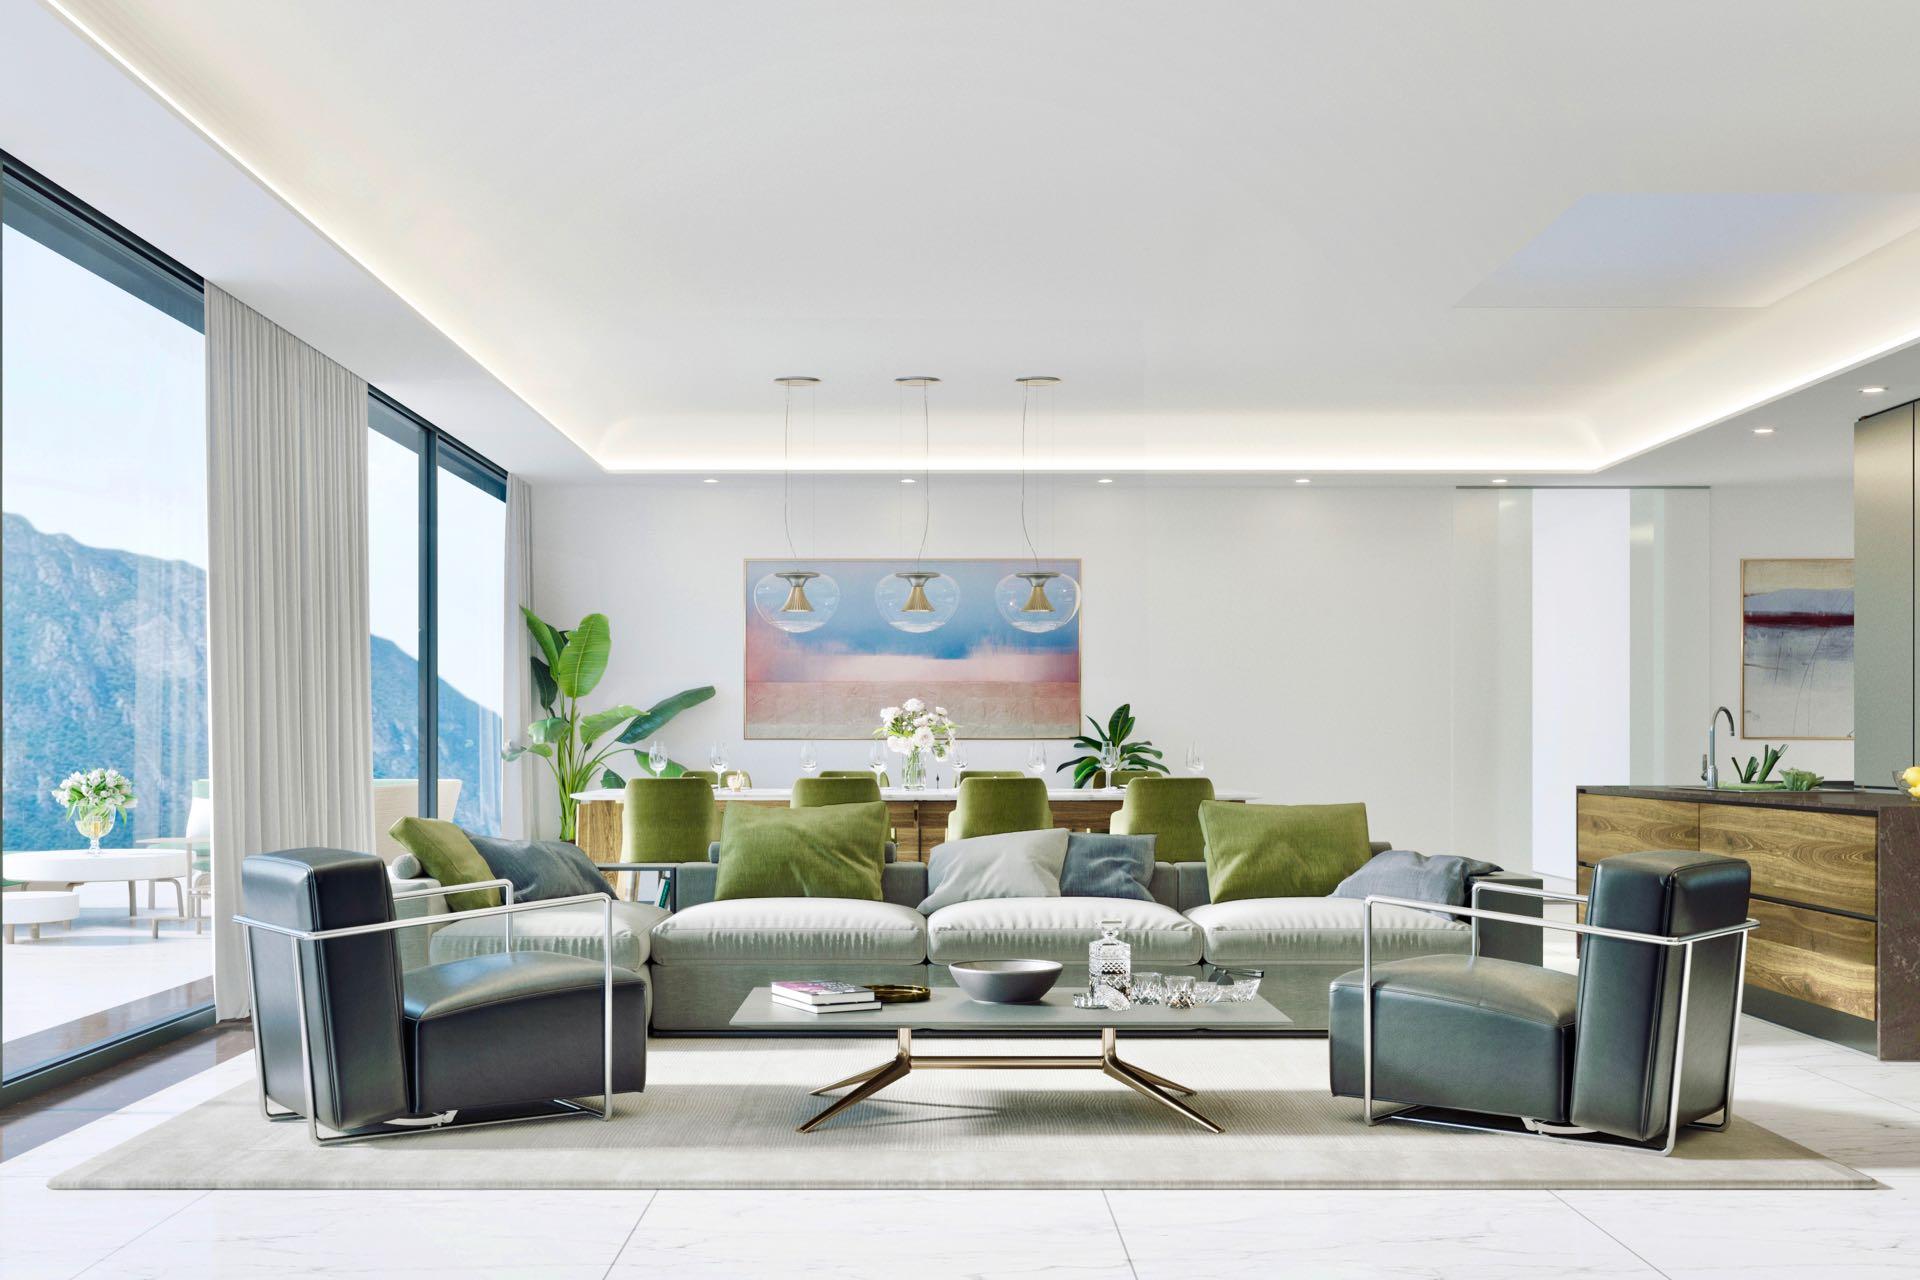 6 Zimmer Penthouse-Wohnung - Wohnfläche ca.: 235 m²Terrassenfläche: 66 m²Schlafzimmer: 3Ref. 88558-3